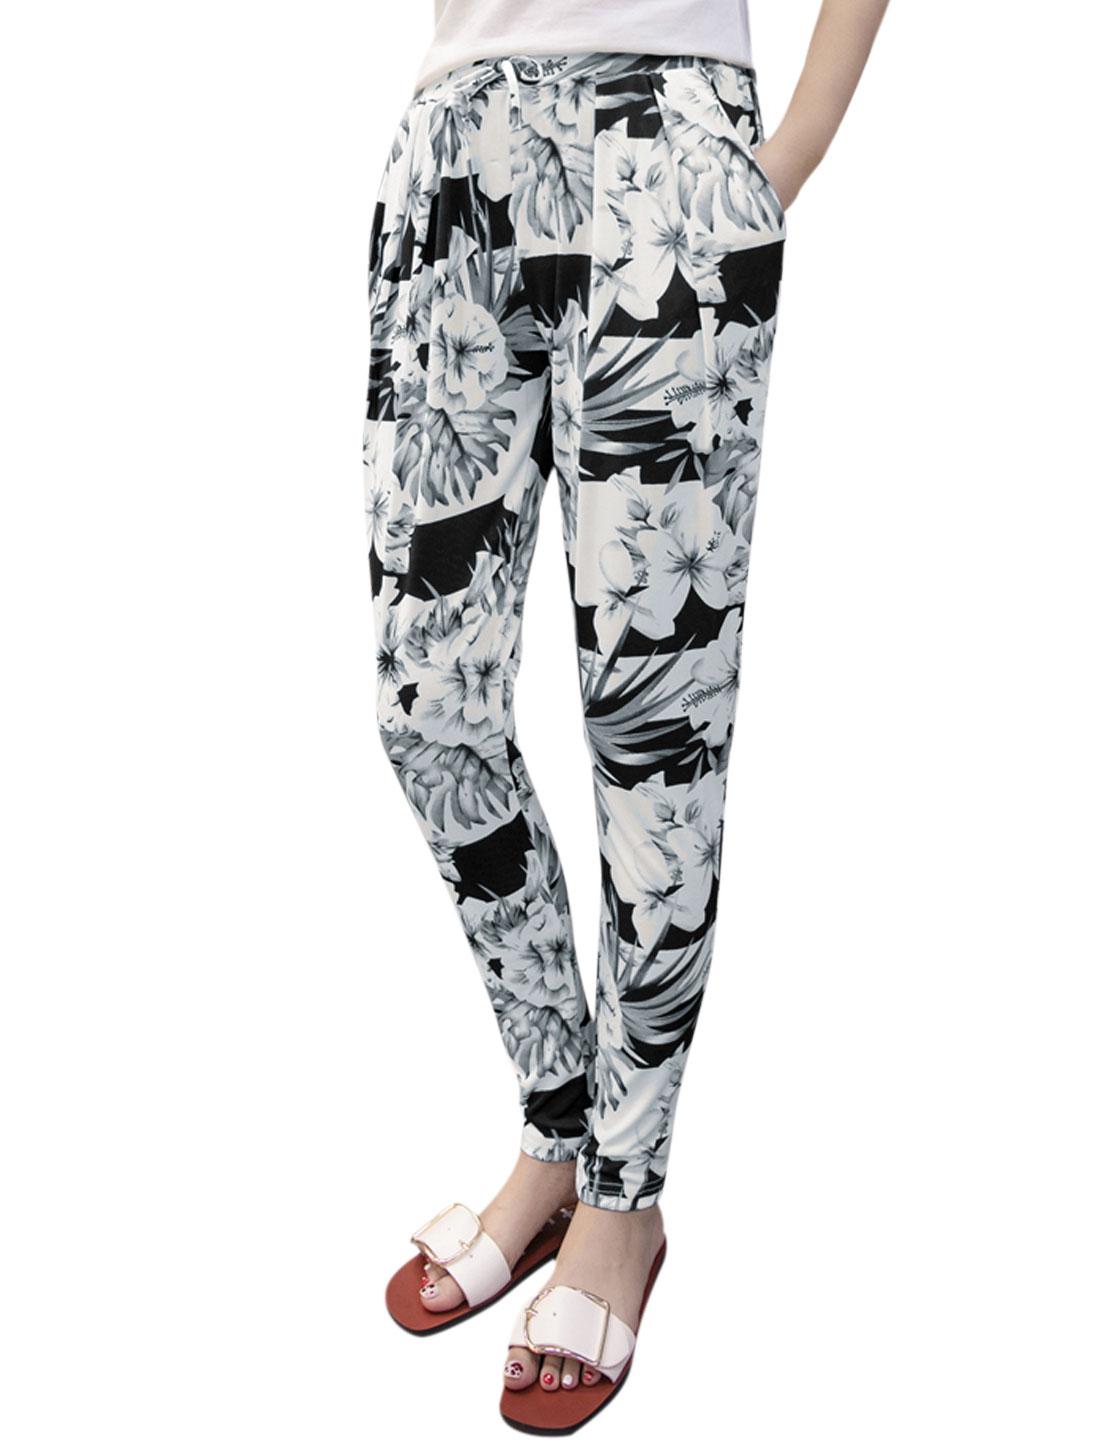 Women Drawstring Elastic Waist Tapered Flower Print Pants White S